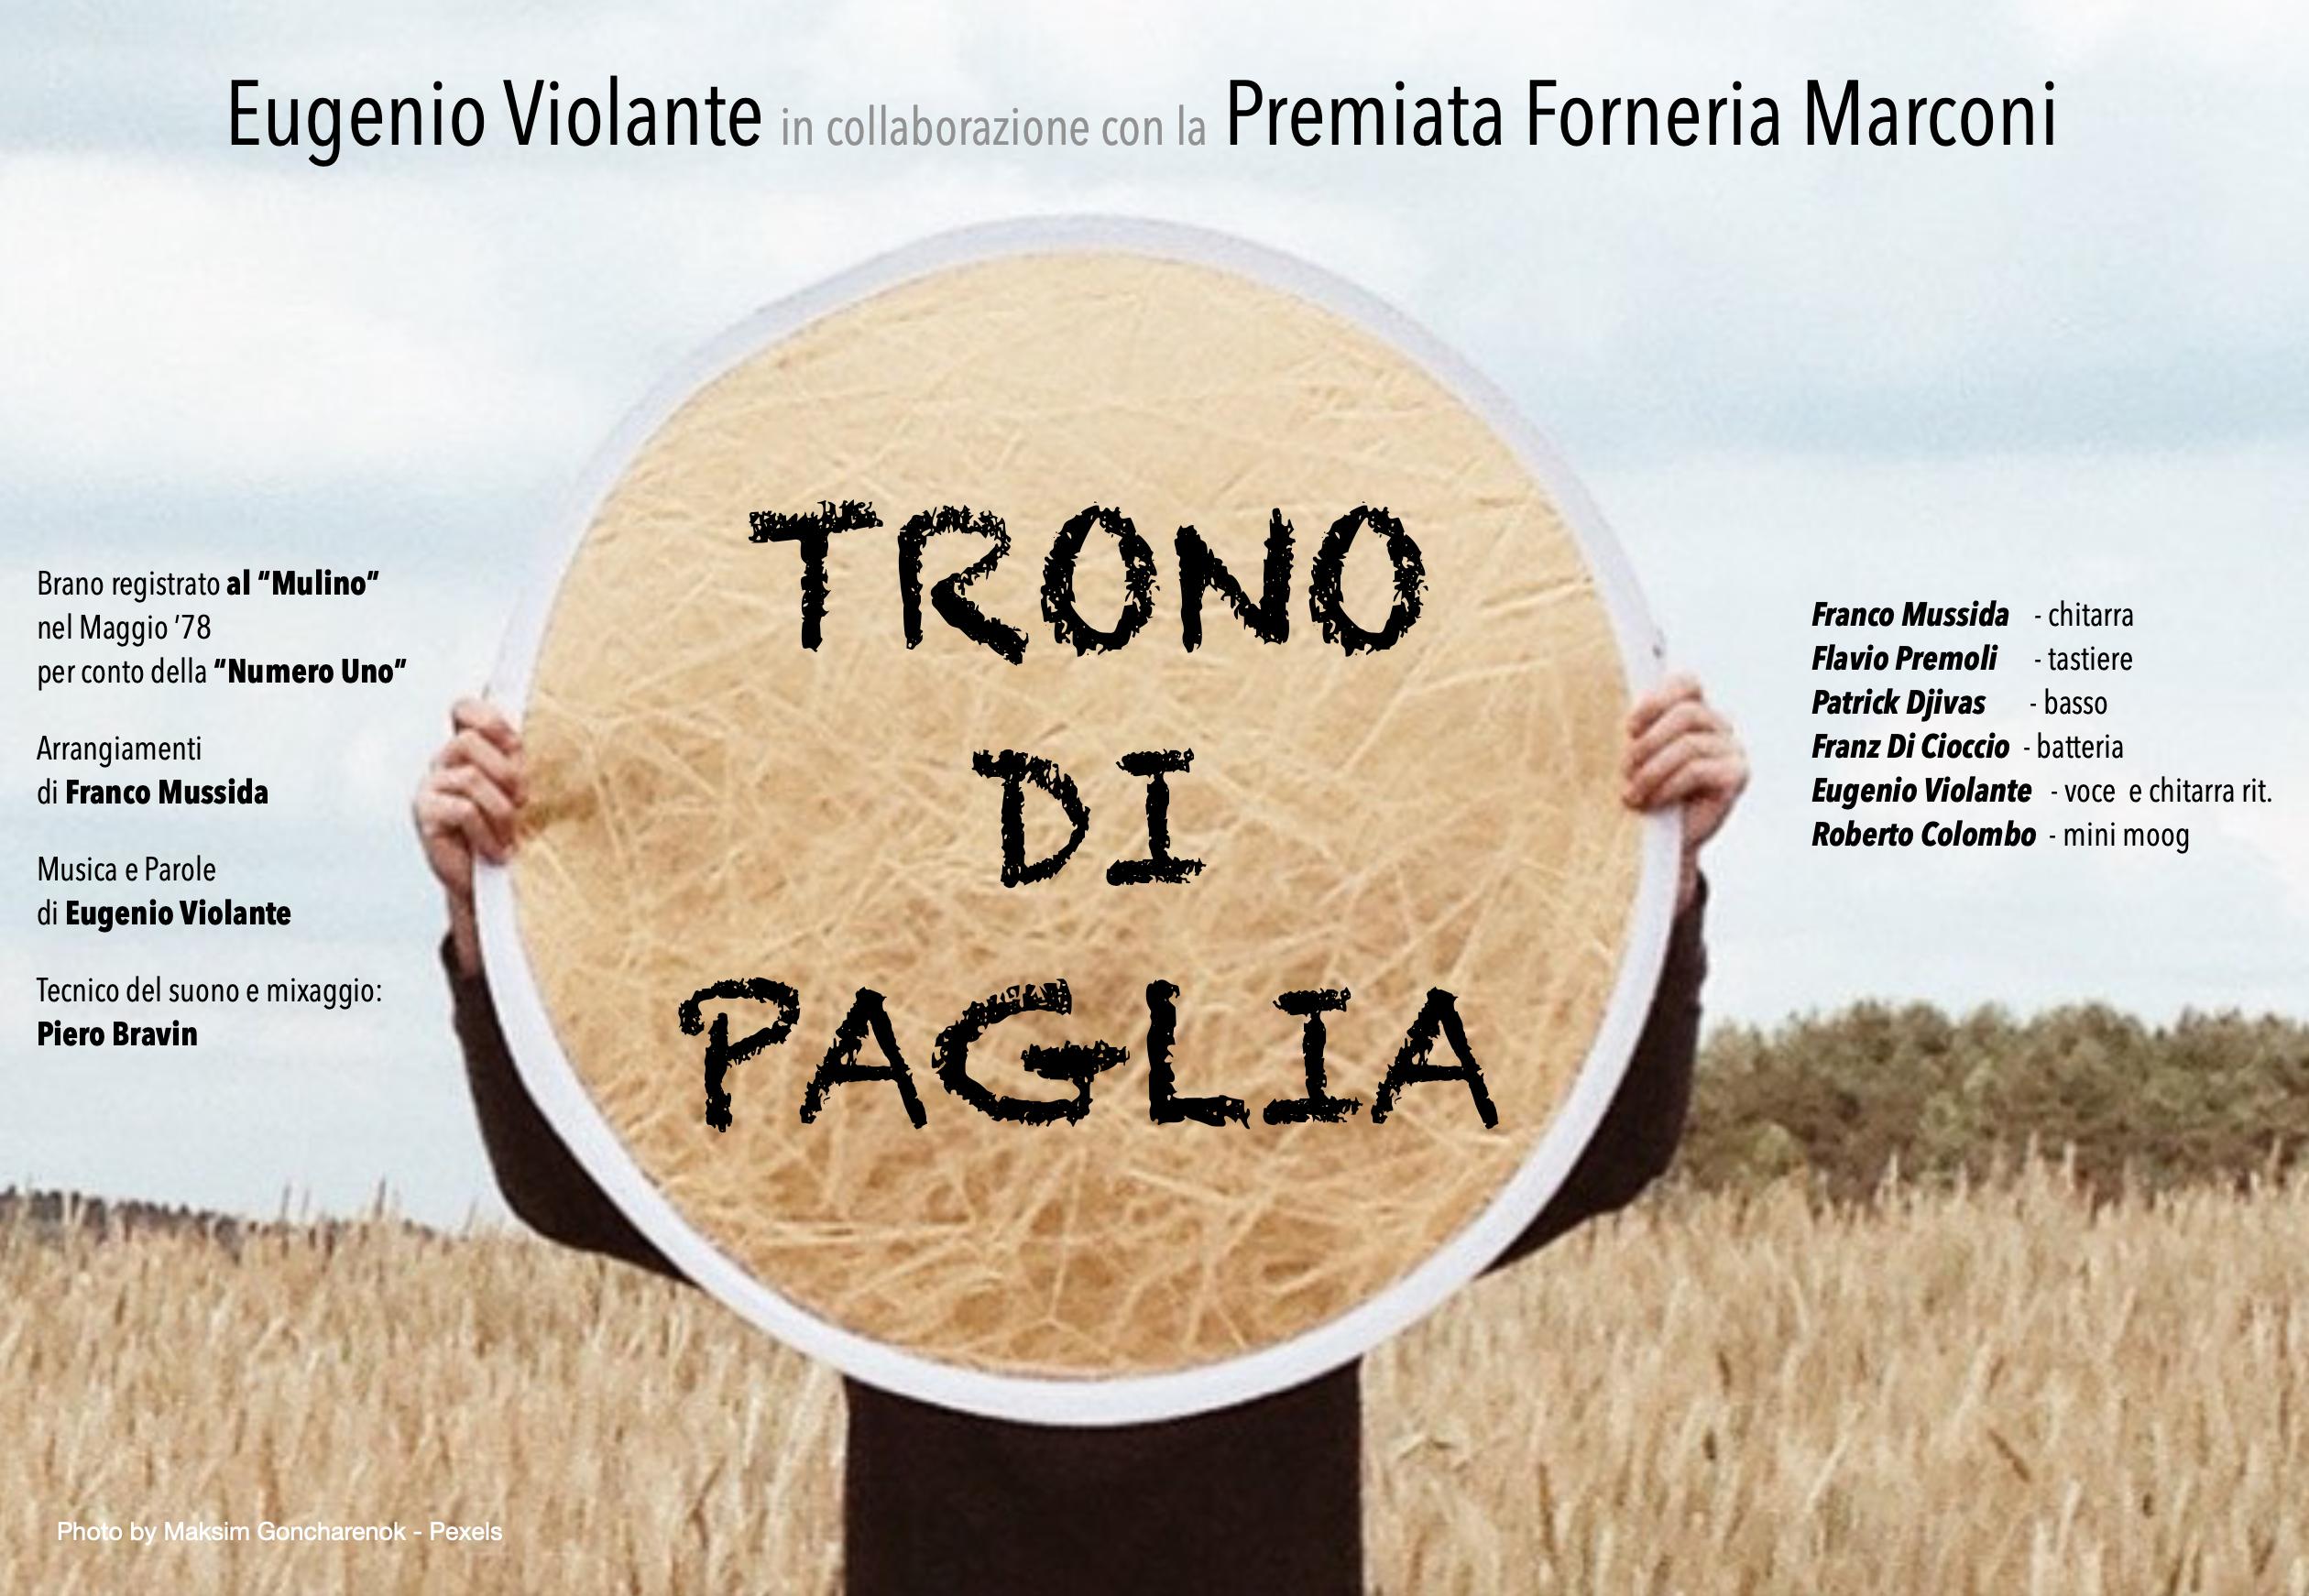 Brano musicale di Eugenio Violante in studio con la PFM